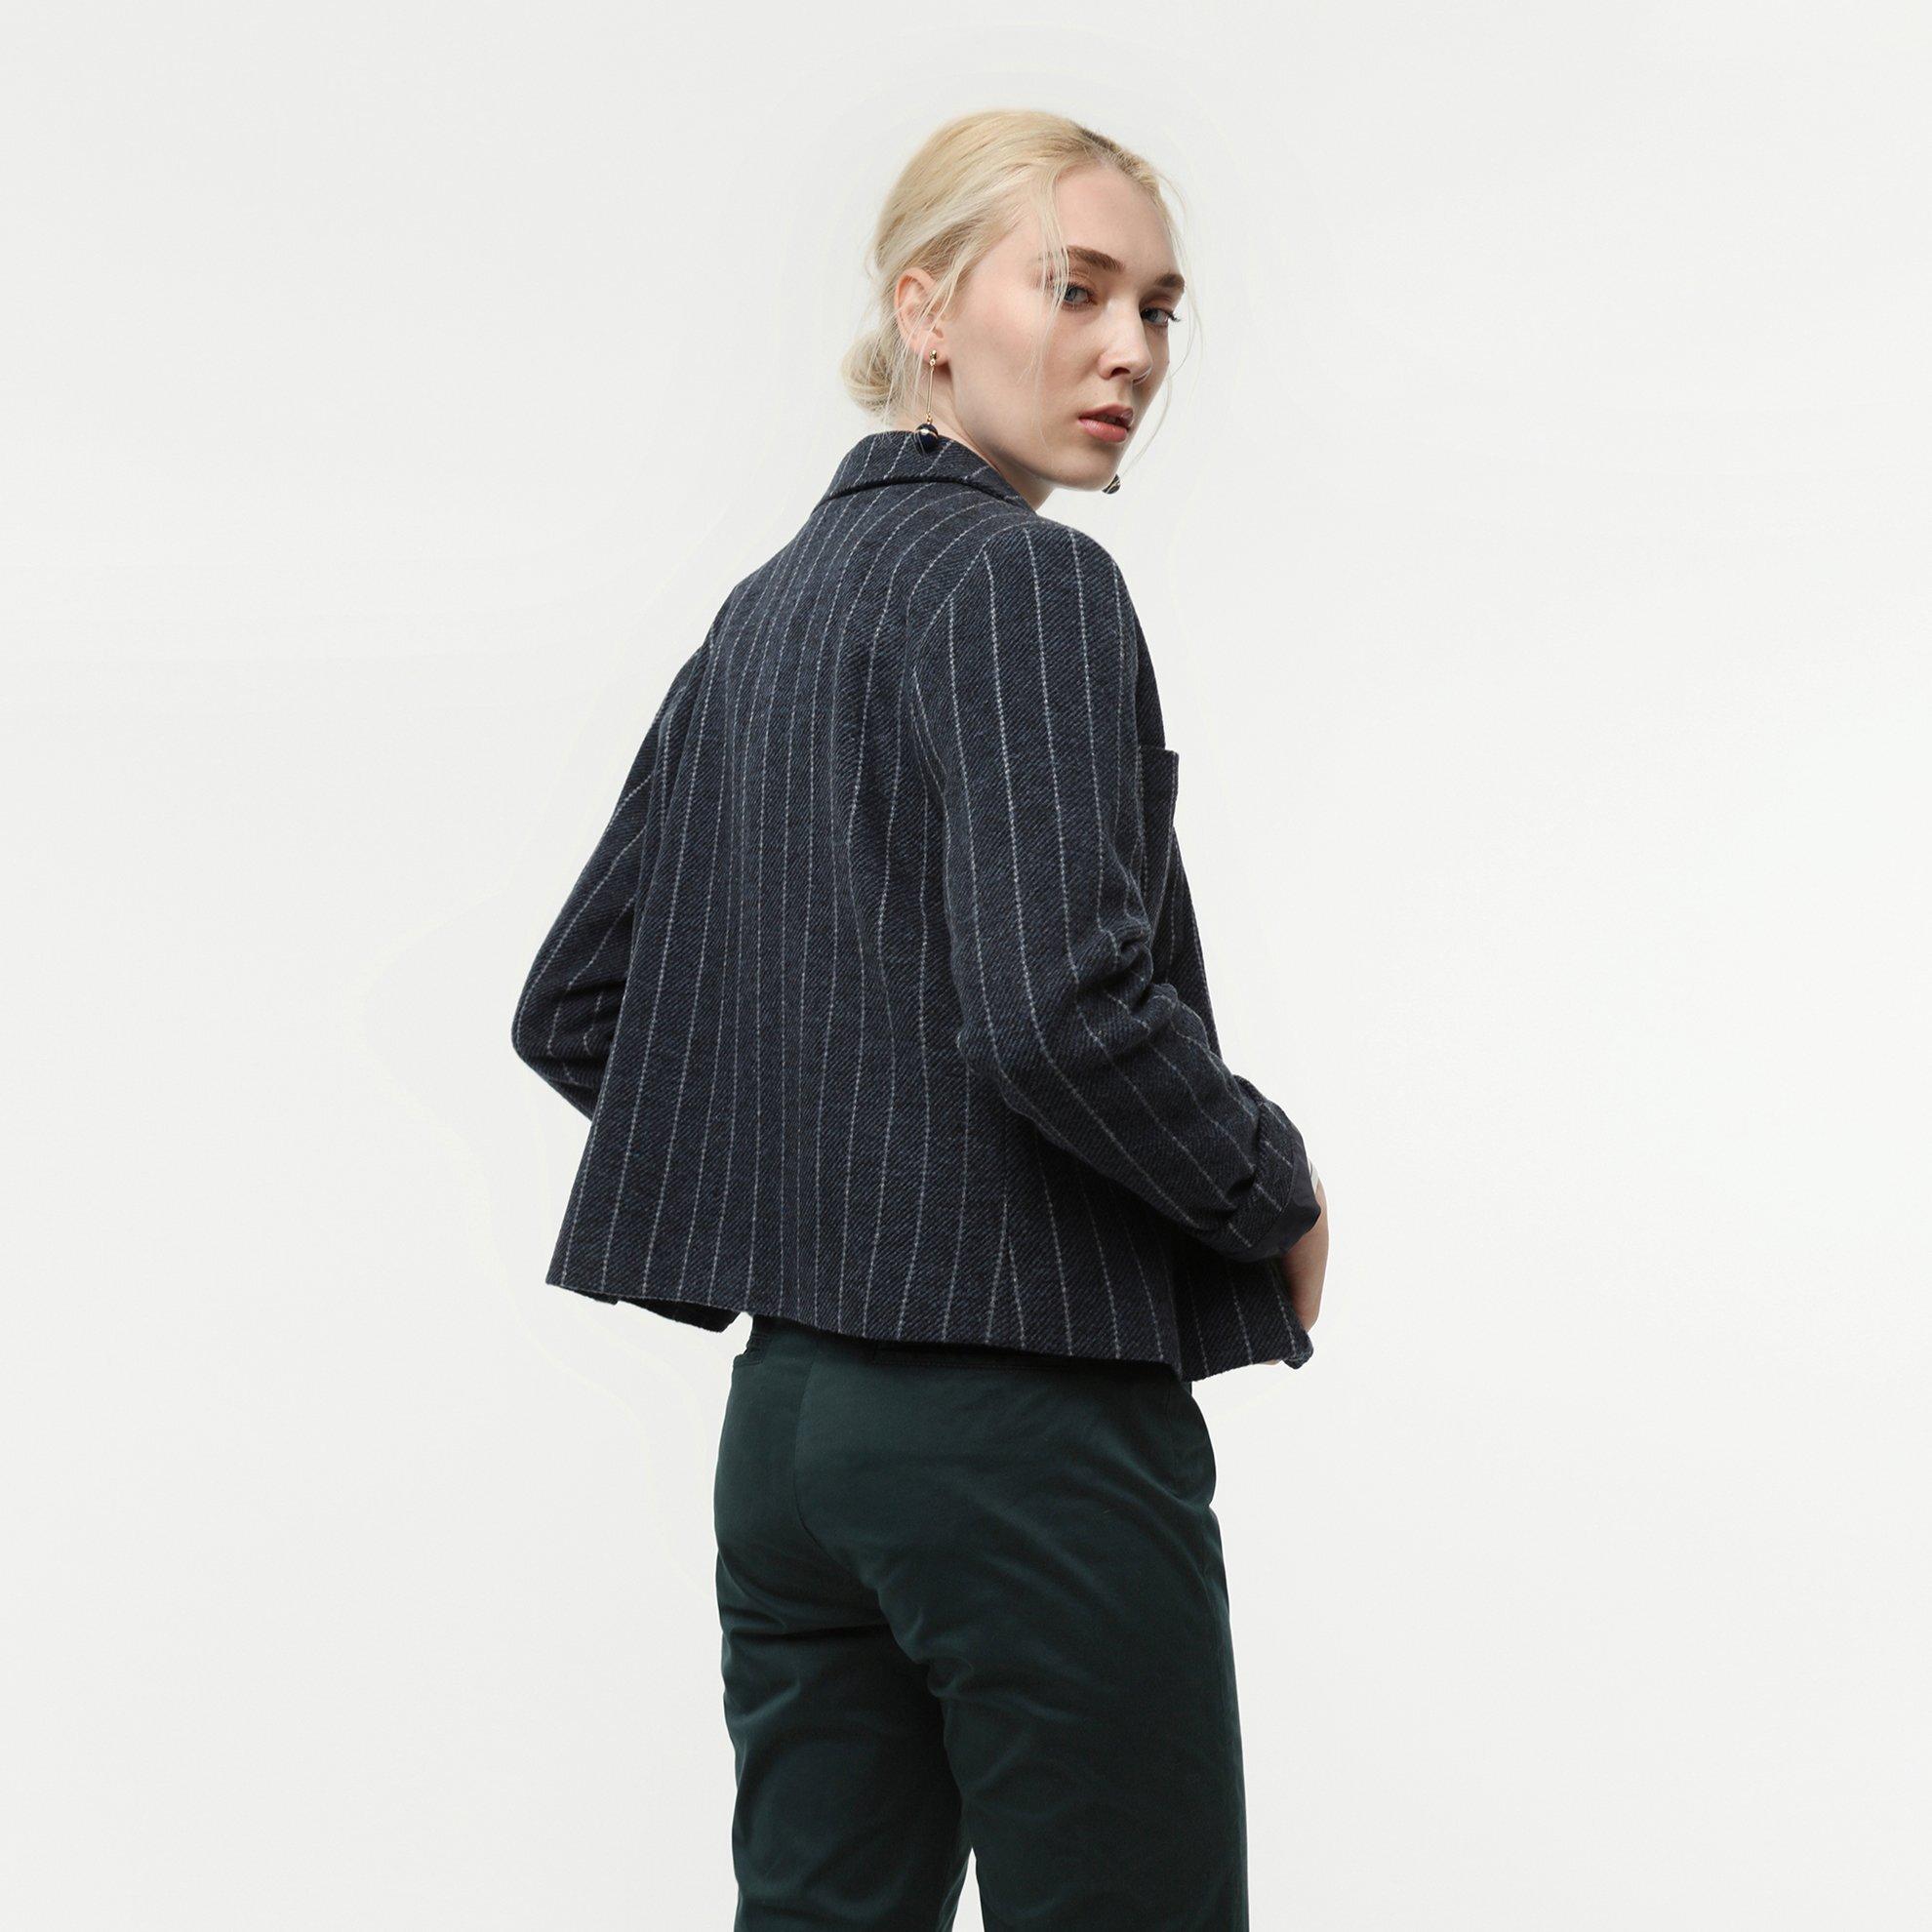 Yakalı Kısa Palto